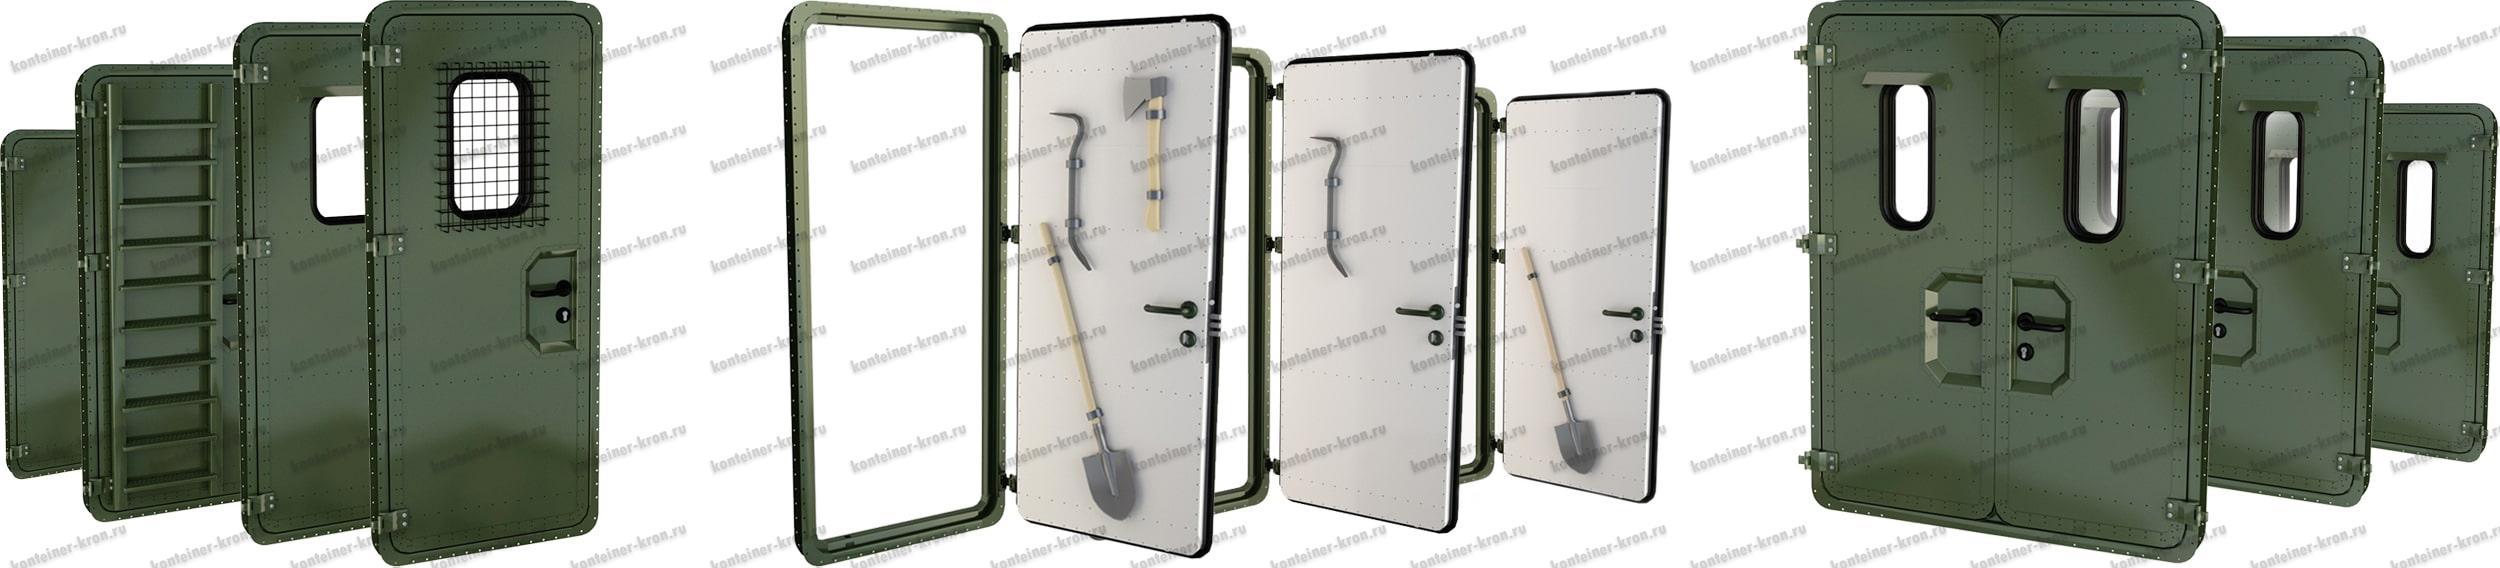 Типоразмеры дверей для фургонов и контейнеров